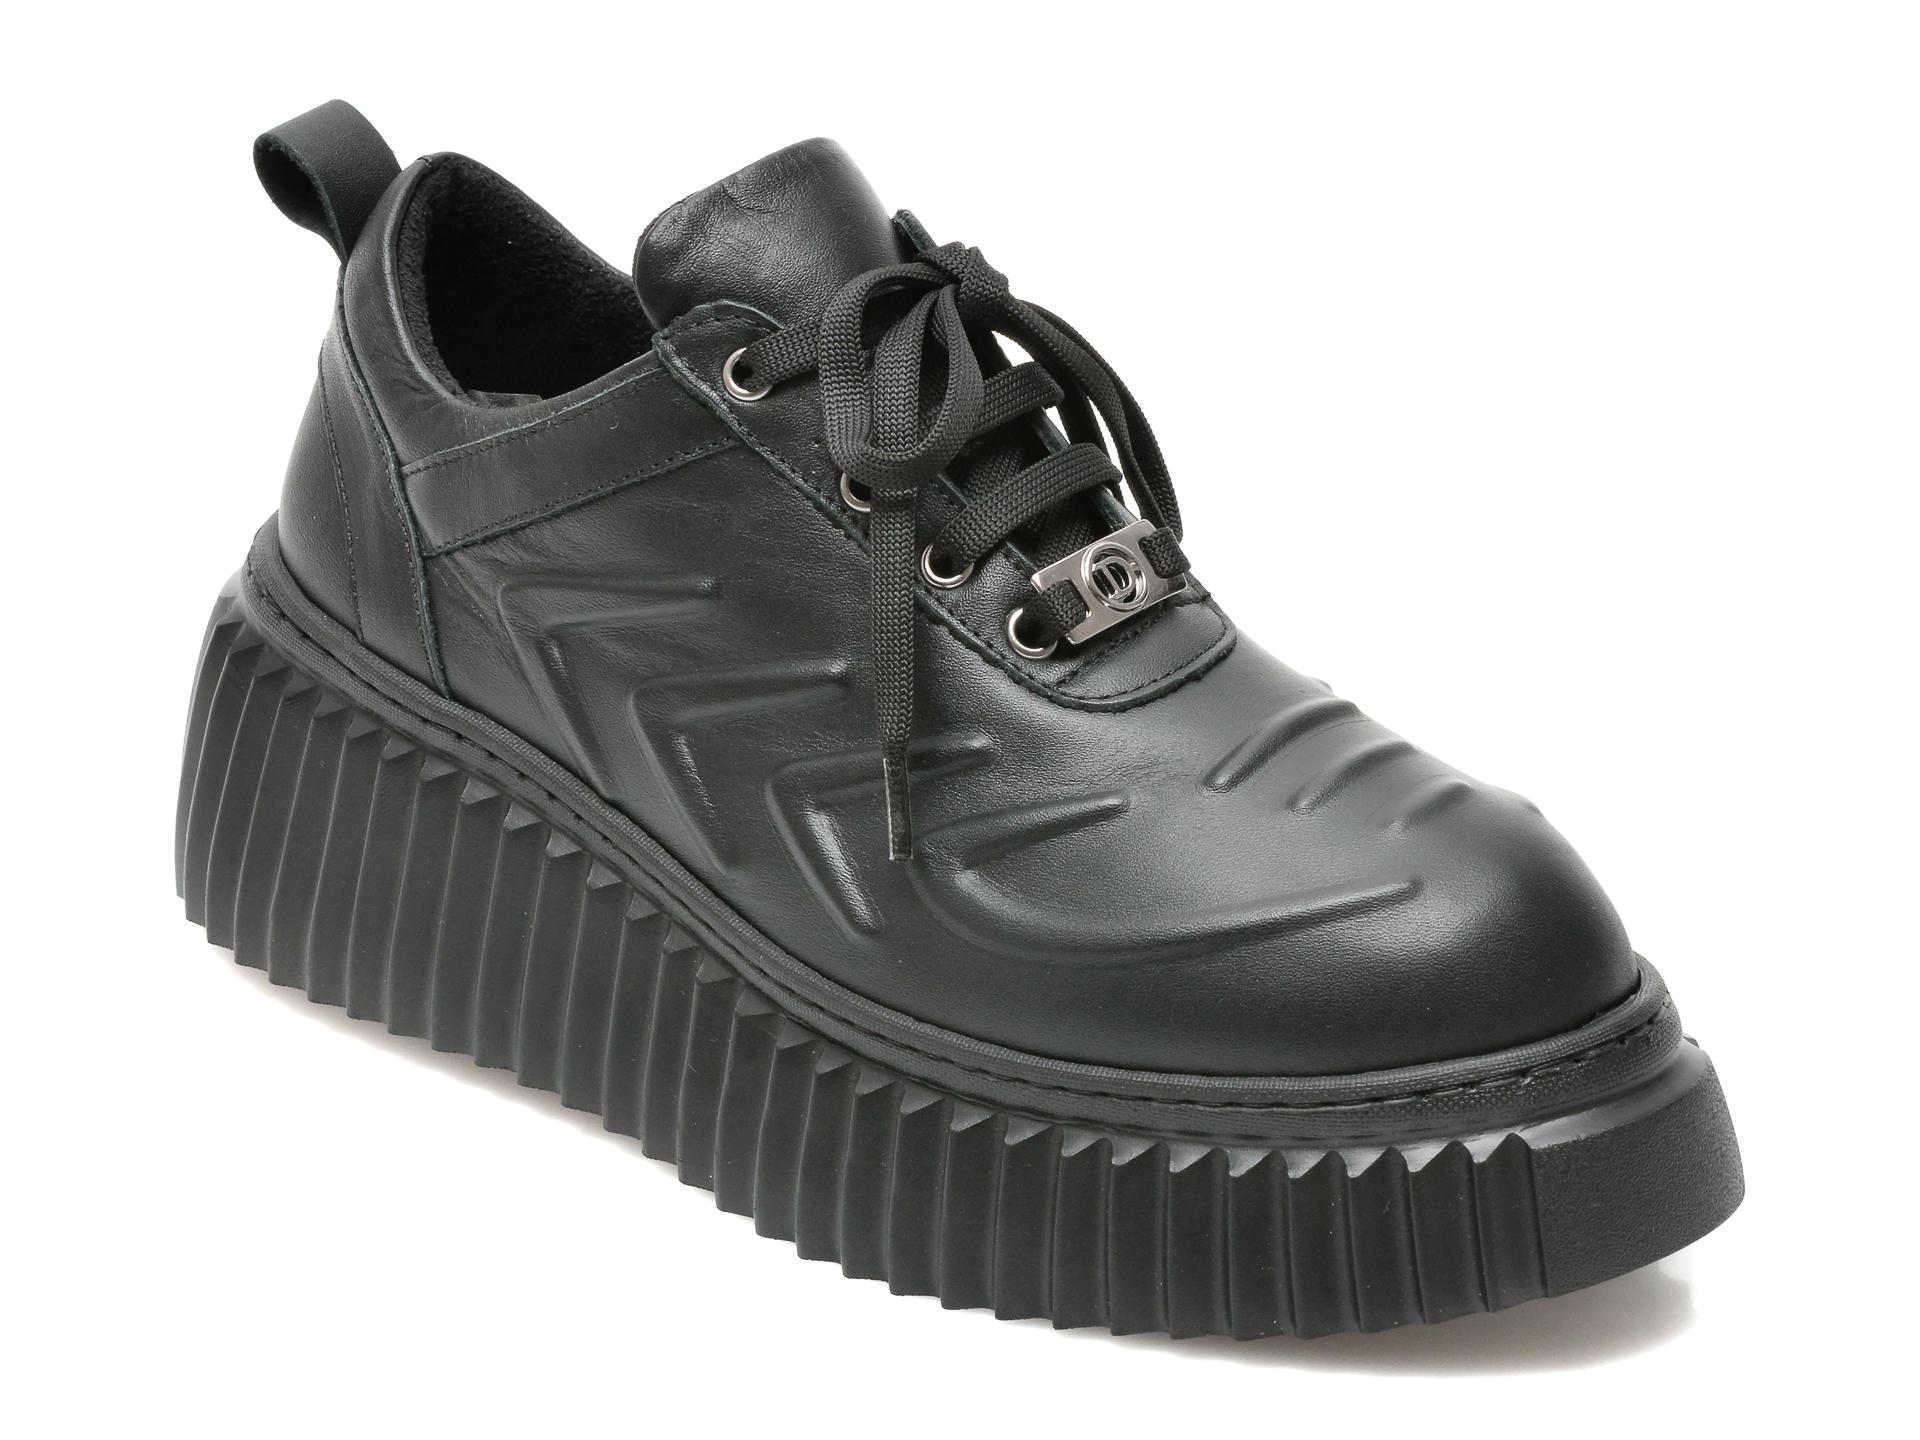 Pantofi FLAVIA PASSINI negri, 82213, din piele naturala imagine 2021 Flavia Passini